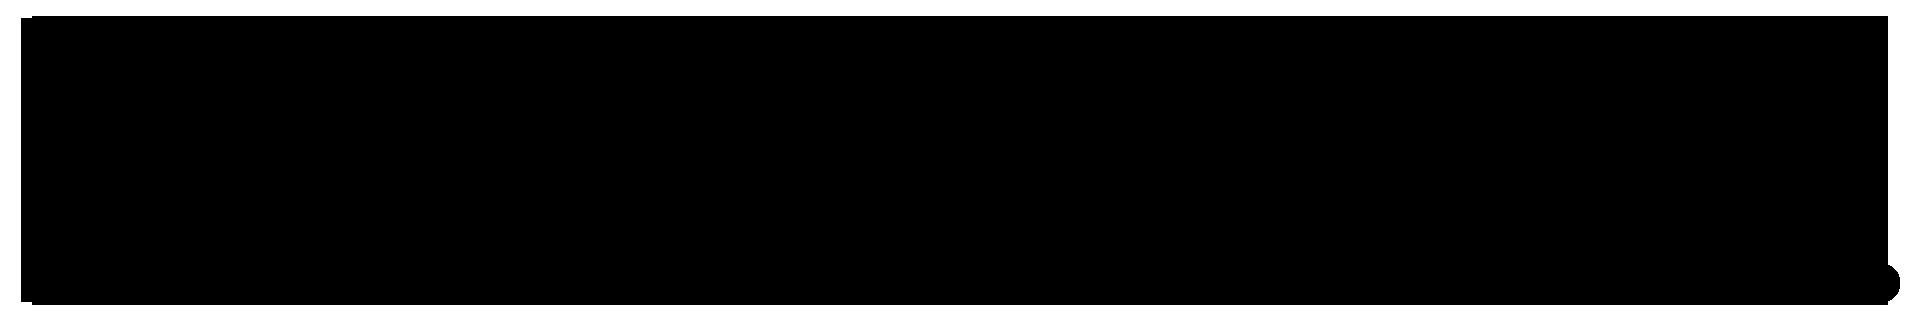 Fulcrum Venture Accelerator